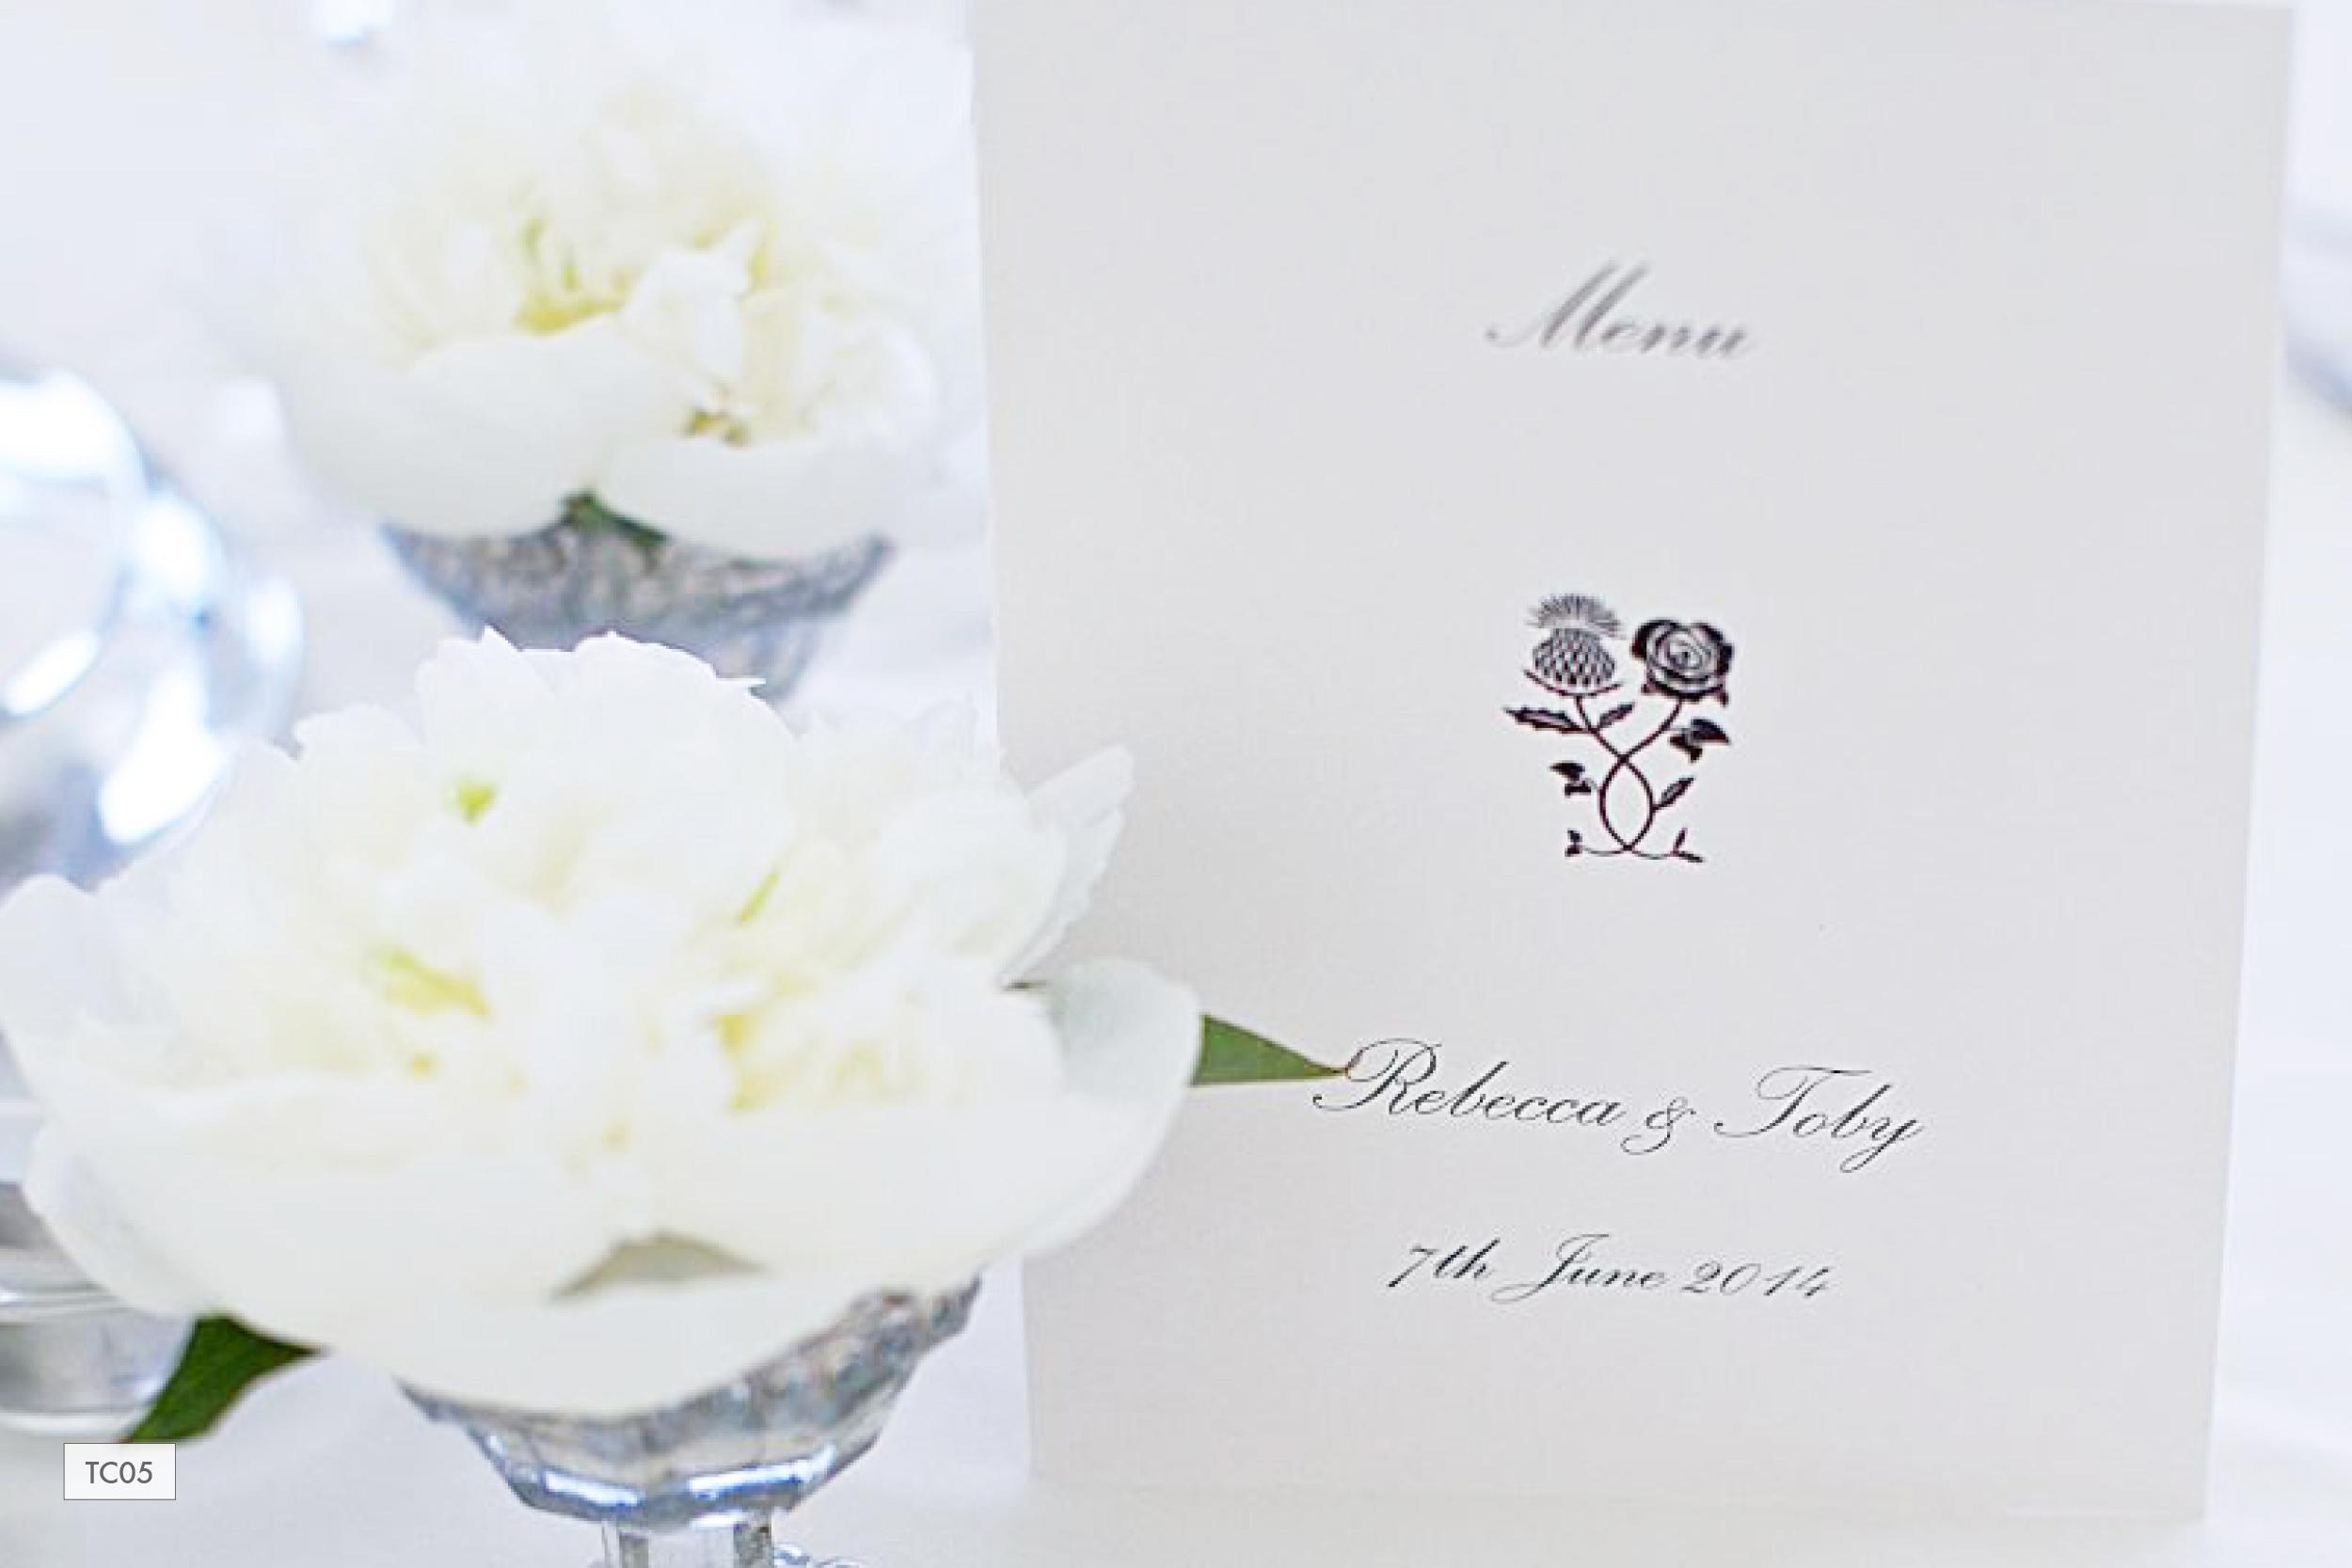 ananya-wedding-stationery-timeless-classics21.jpg